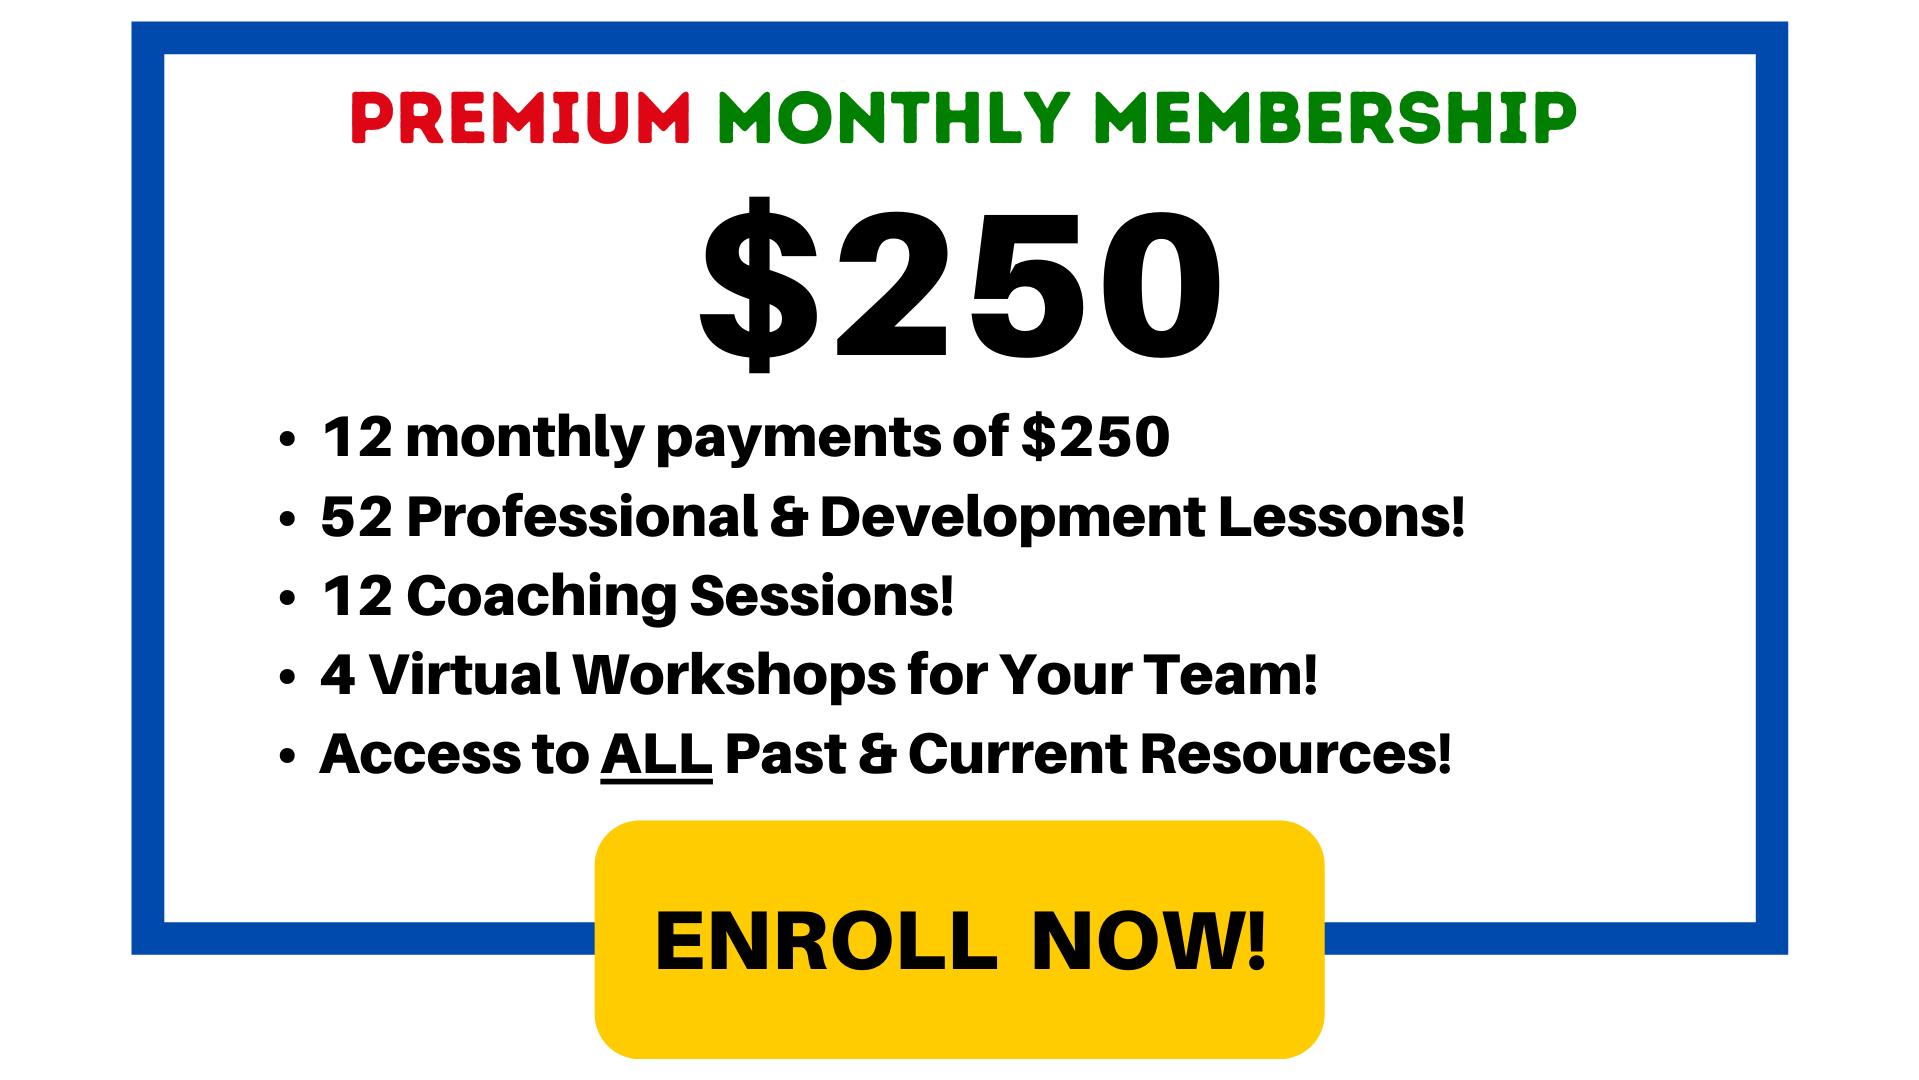 $250 / month